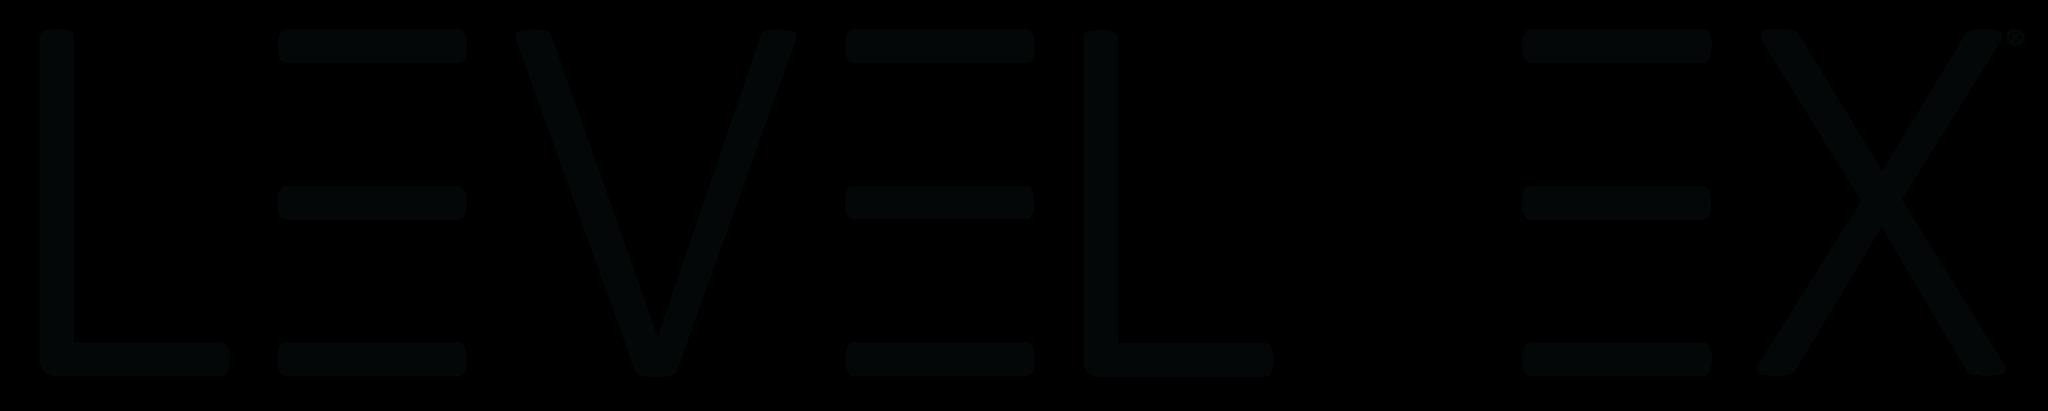 Level Ex一现为 Brainlab 旗下公司